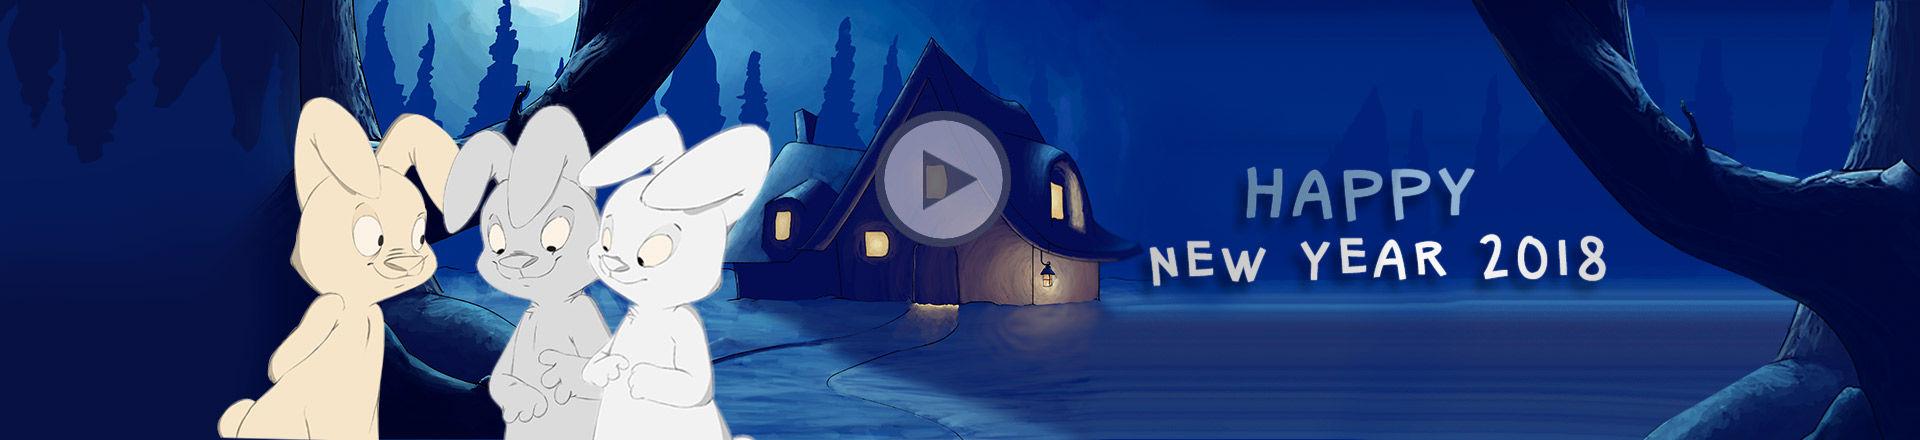 Annecy CITIA、Happy New Yearメッセージアニメーション